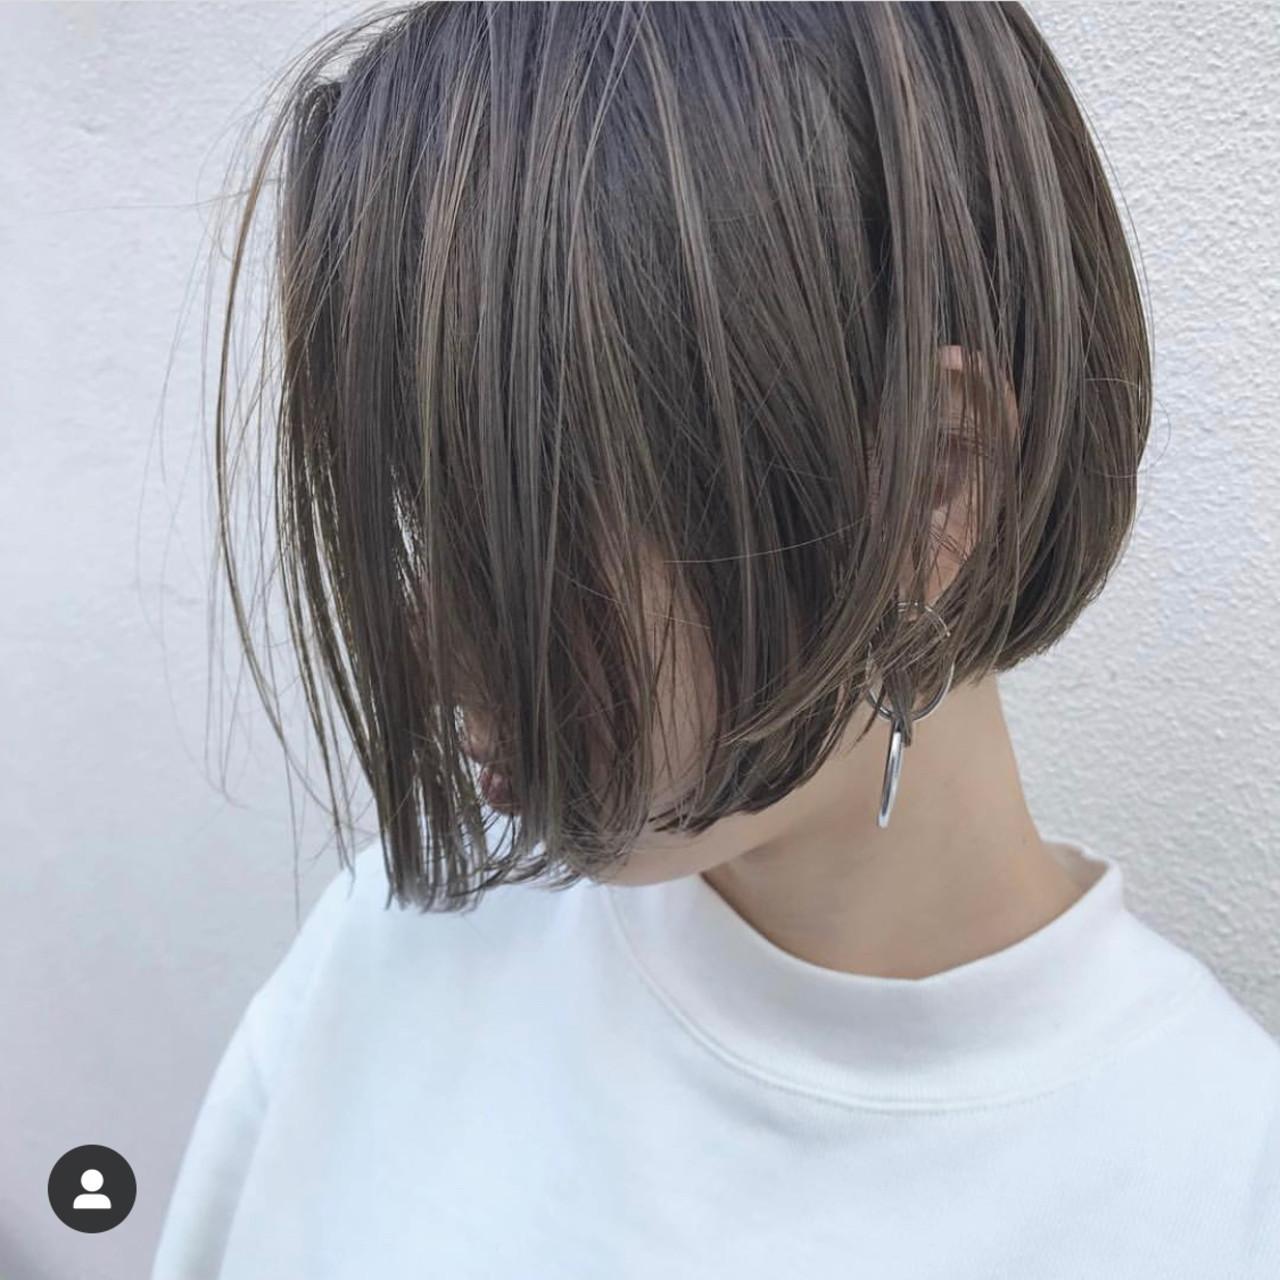 ミニボブ ベリーショート ナチュラル ショートボブ ヘアスタイルや髪型の写真・画像